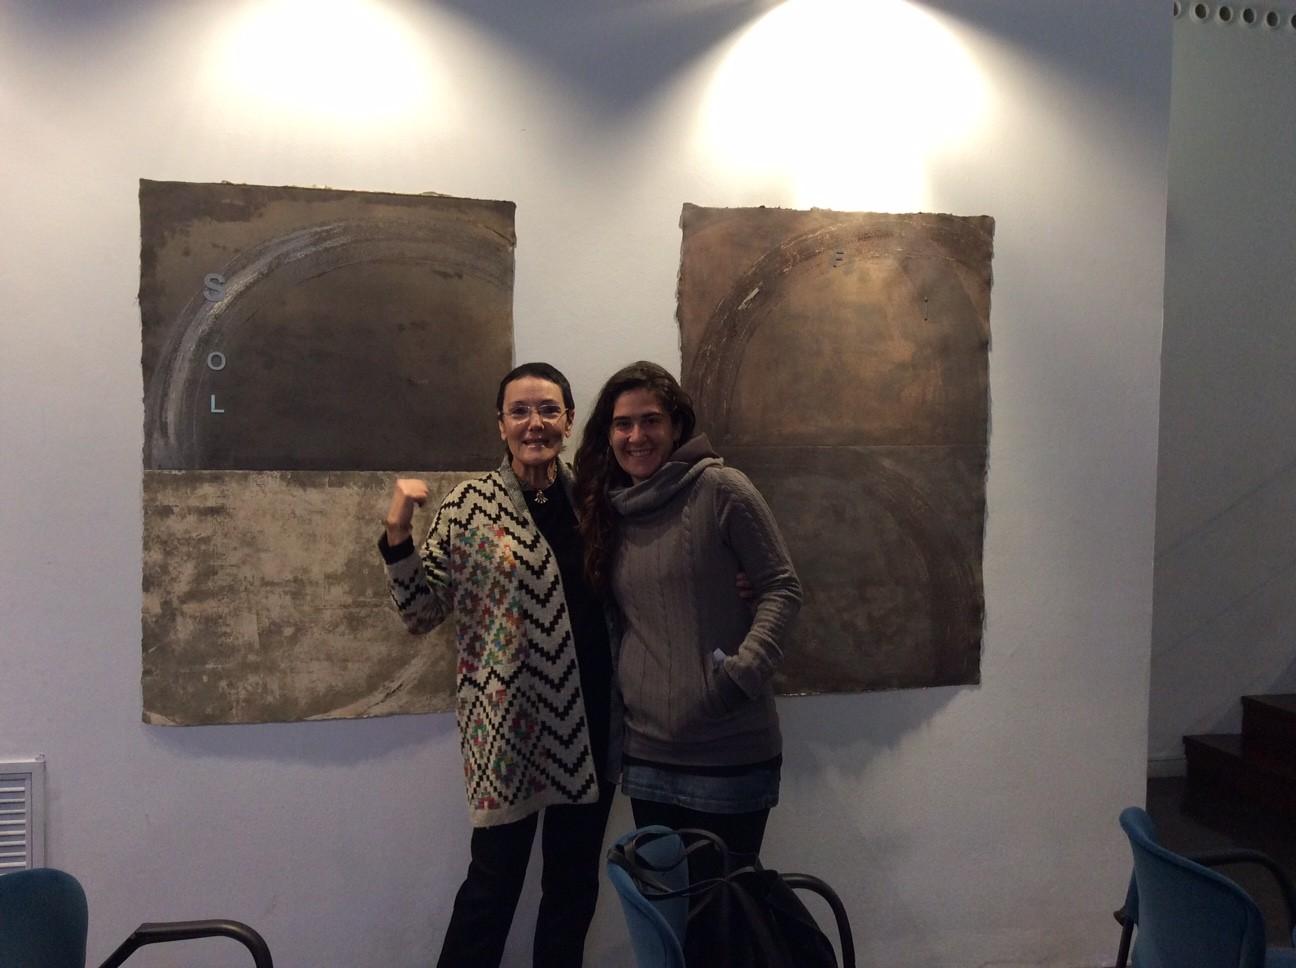 Amb Aïda Rull, escultora i amiga.